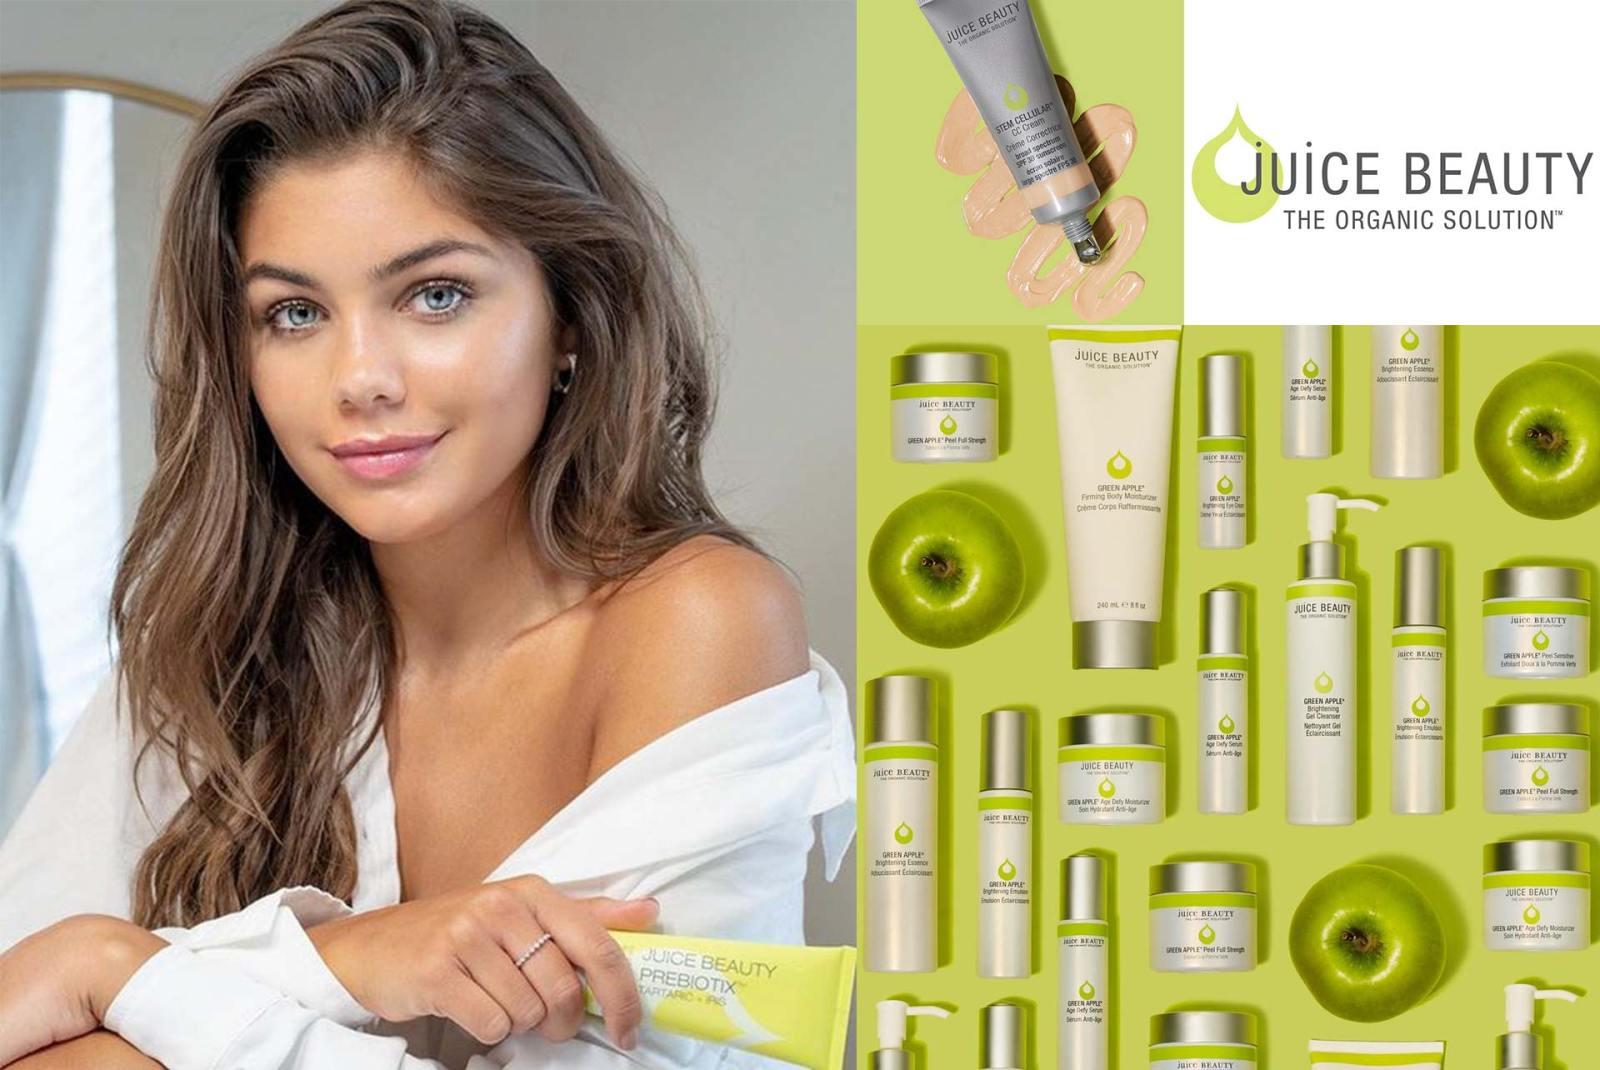 Is Juice Beauty Cruelty-Free & Vegan?